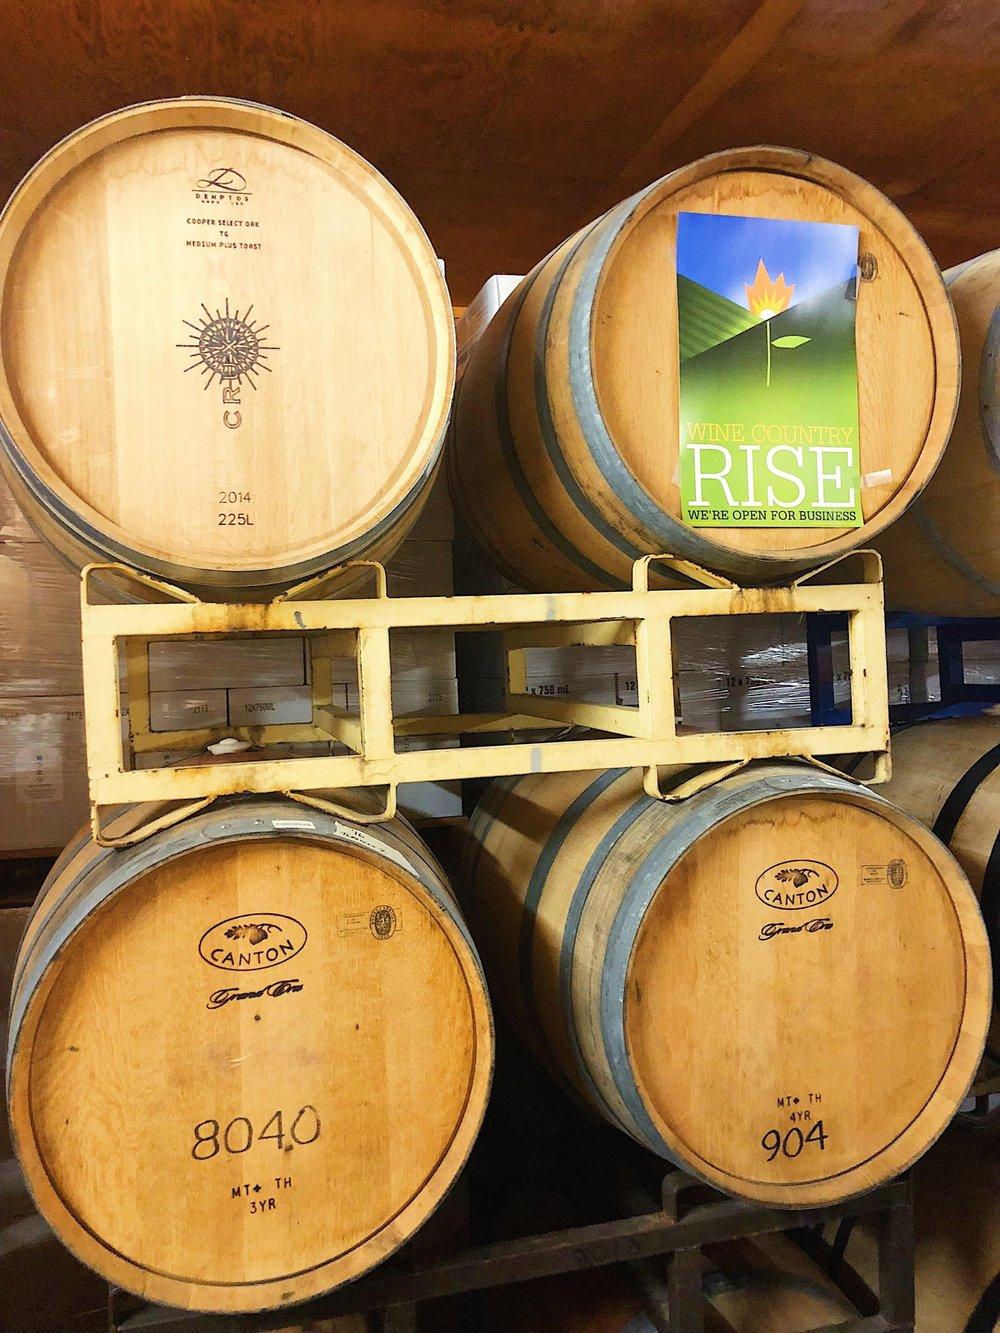 Crux Winery Tasting